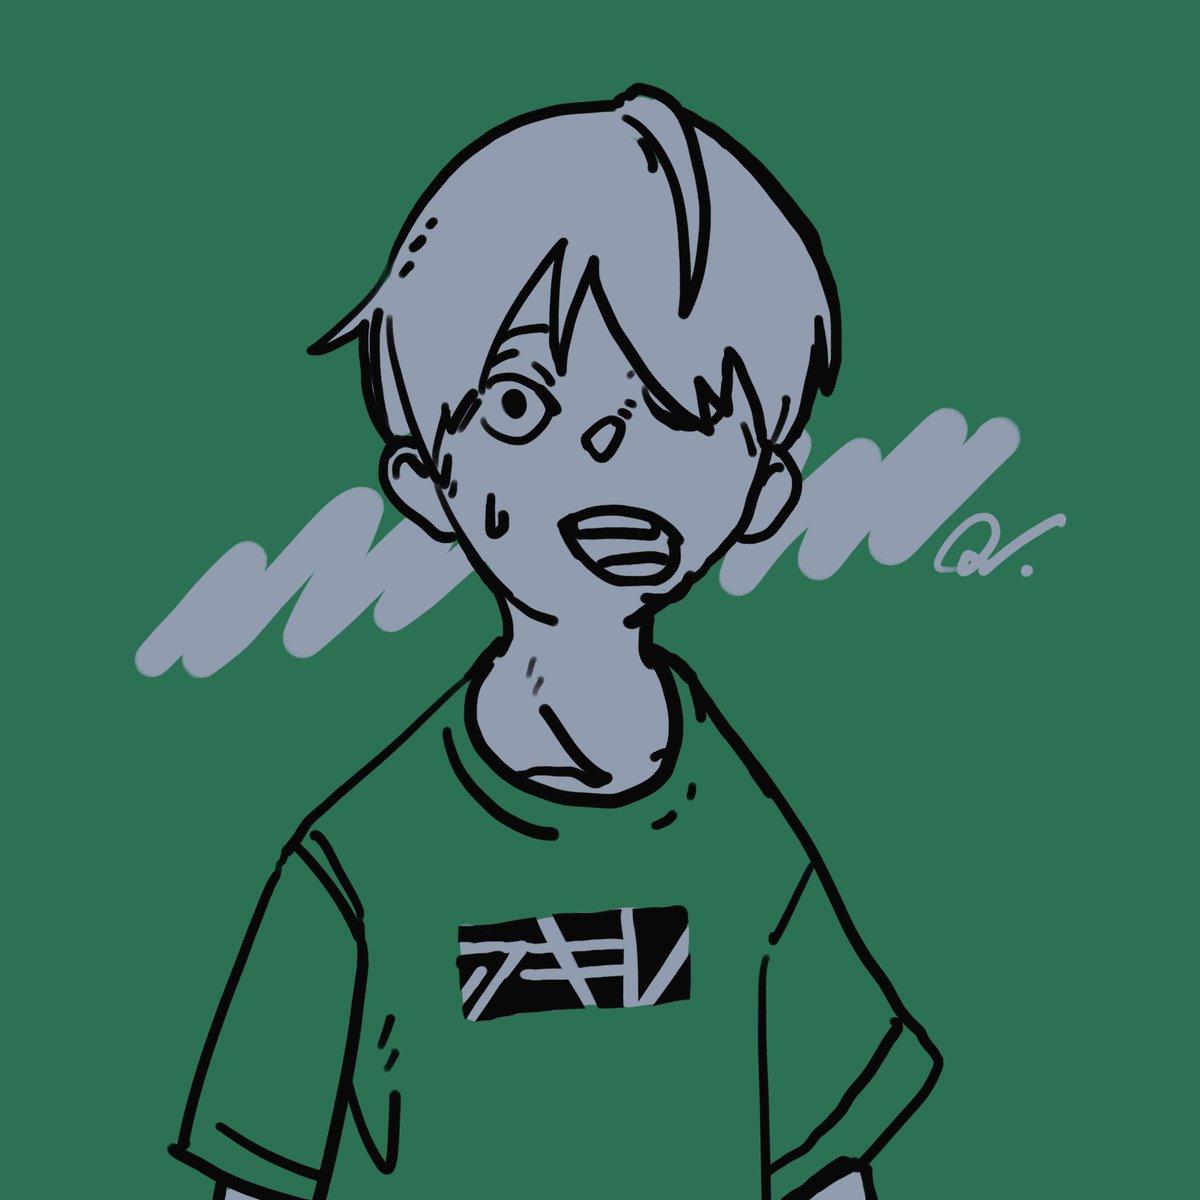 「アキレのホウライ」  #絵描きさんと繫がりたい  #illust #art #japaneseart  #秋の創作クラスタフォロー祭り  #boys https://t.co/7DF9ev66Ig